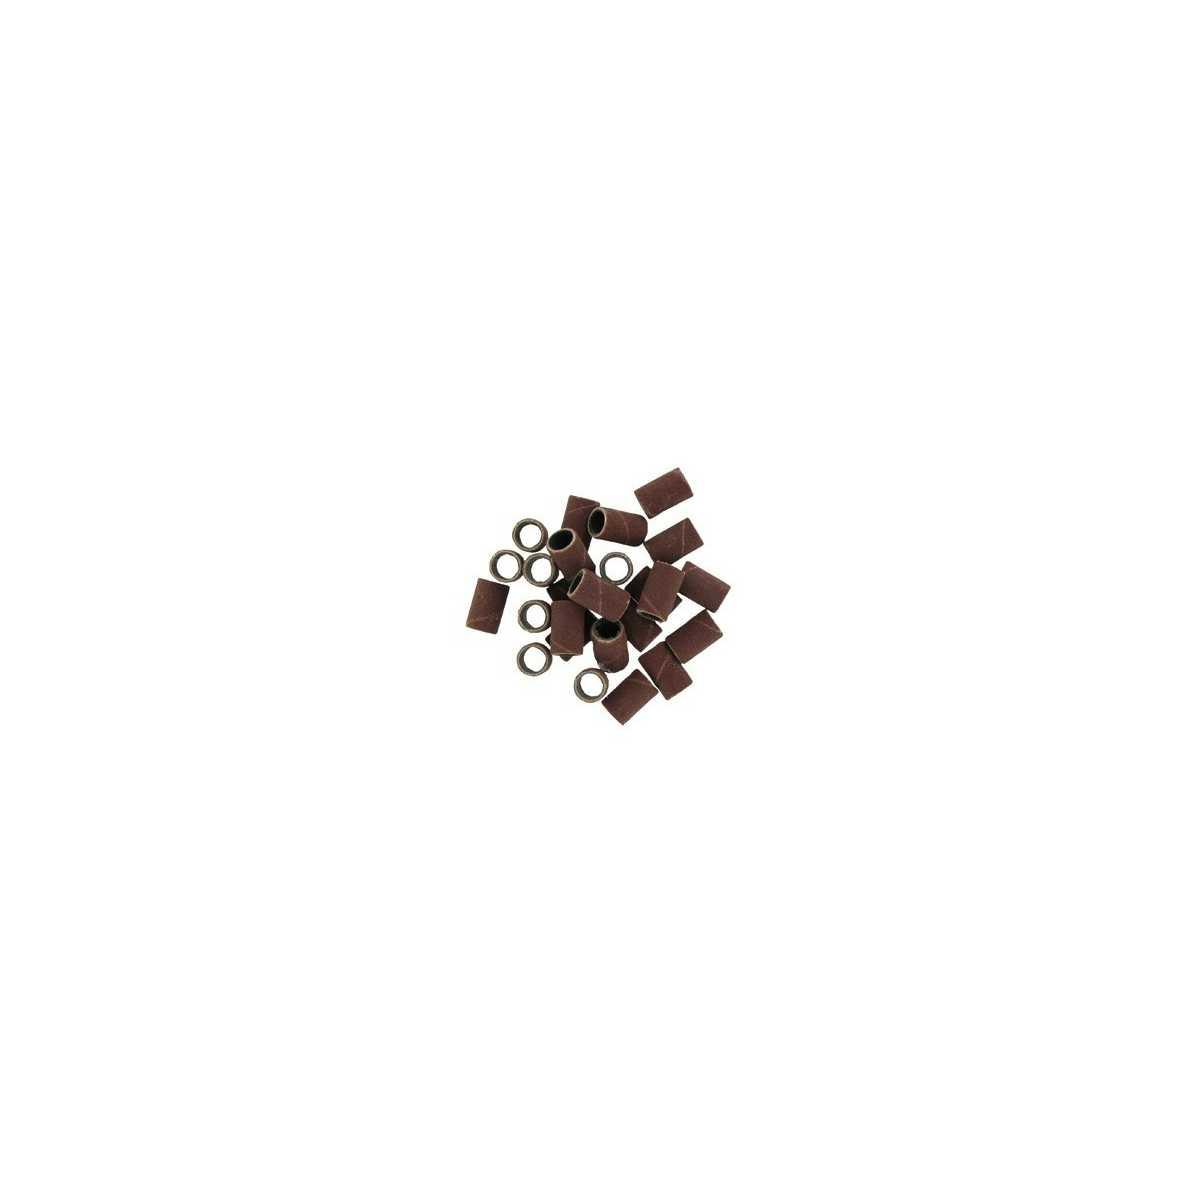 https://www.kit-manucure.com/144-thickbox_default/émeris-ponceuse-grain-150-lot-de-10-embouts.jpg